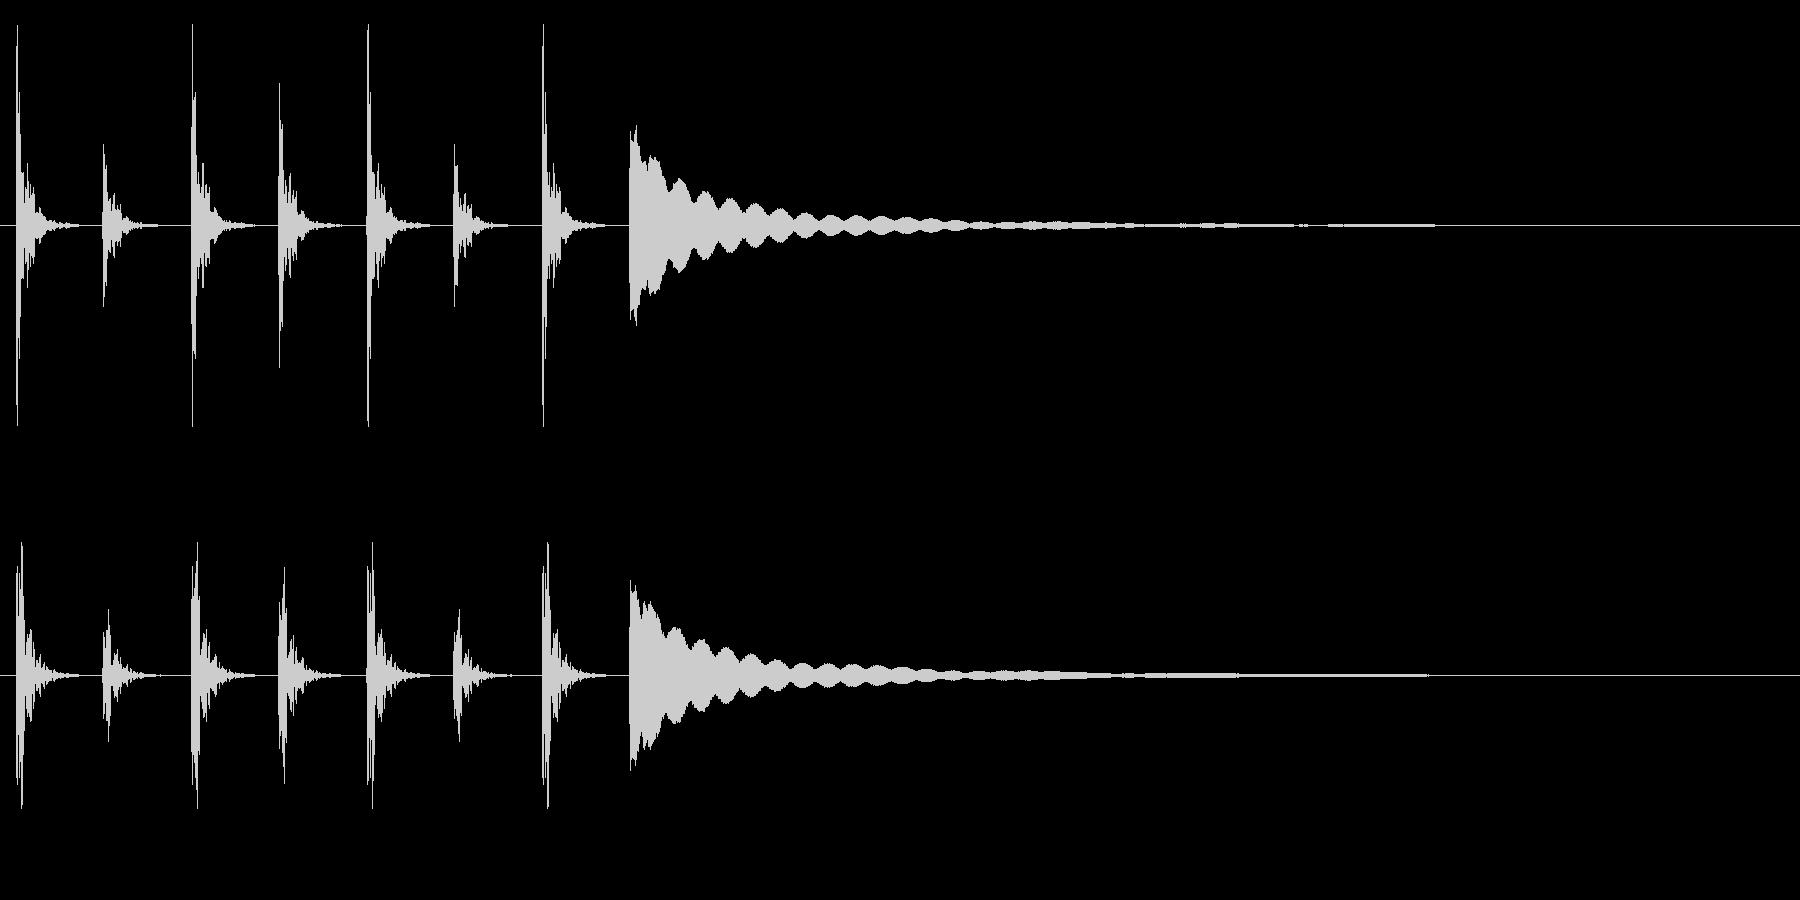 ポクポクチン2木魚・シンキングタイム5秒の未再生の波形